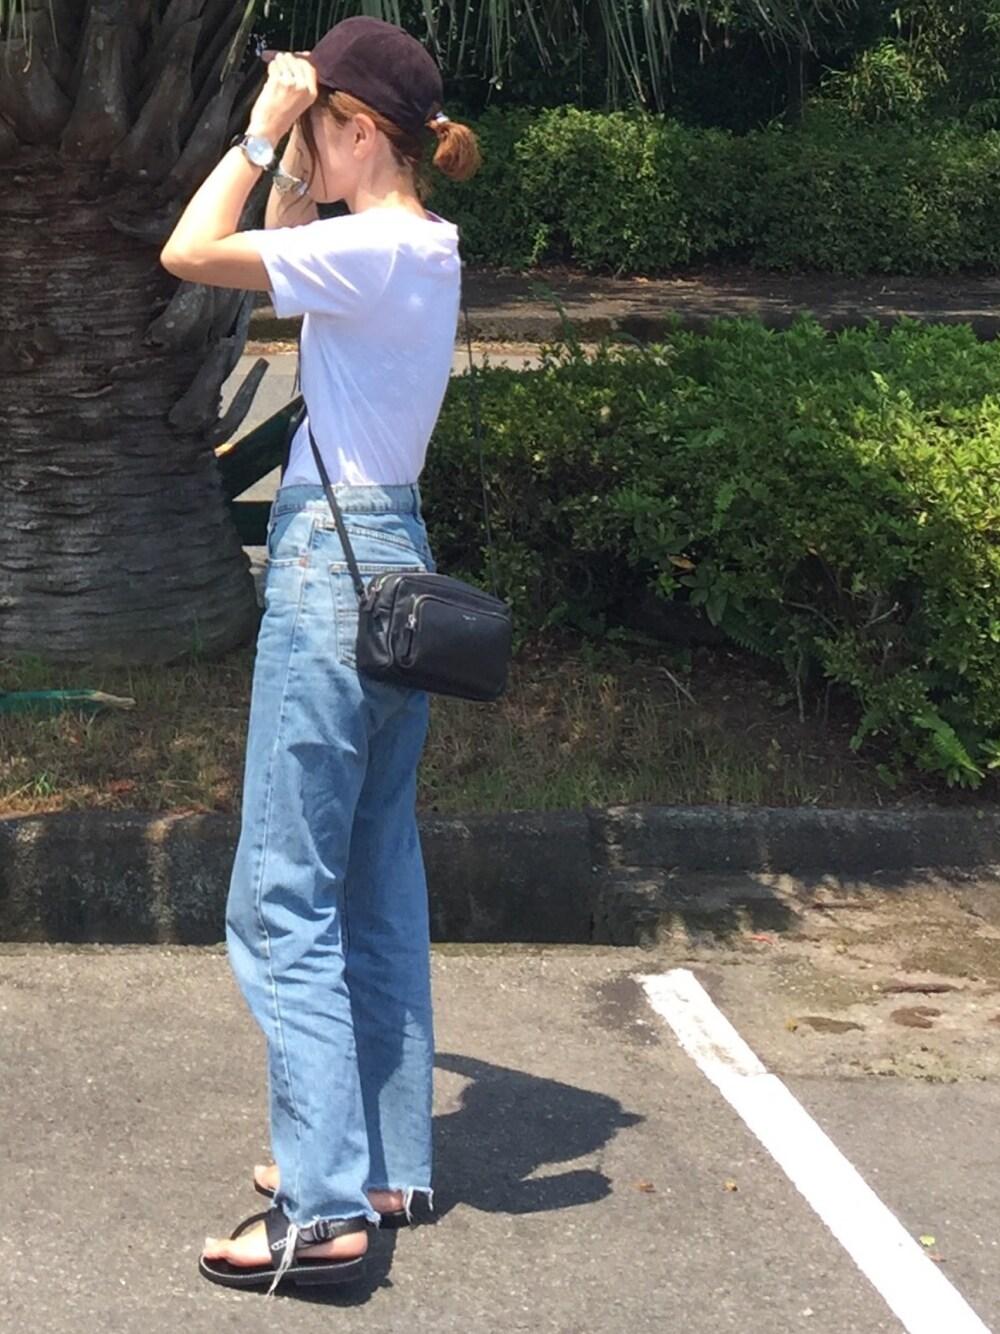 ママ カバン 動きやすい 公園デビュー 公園カバン